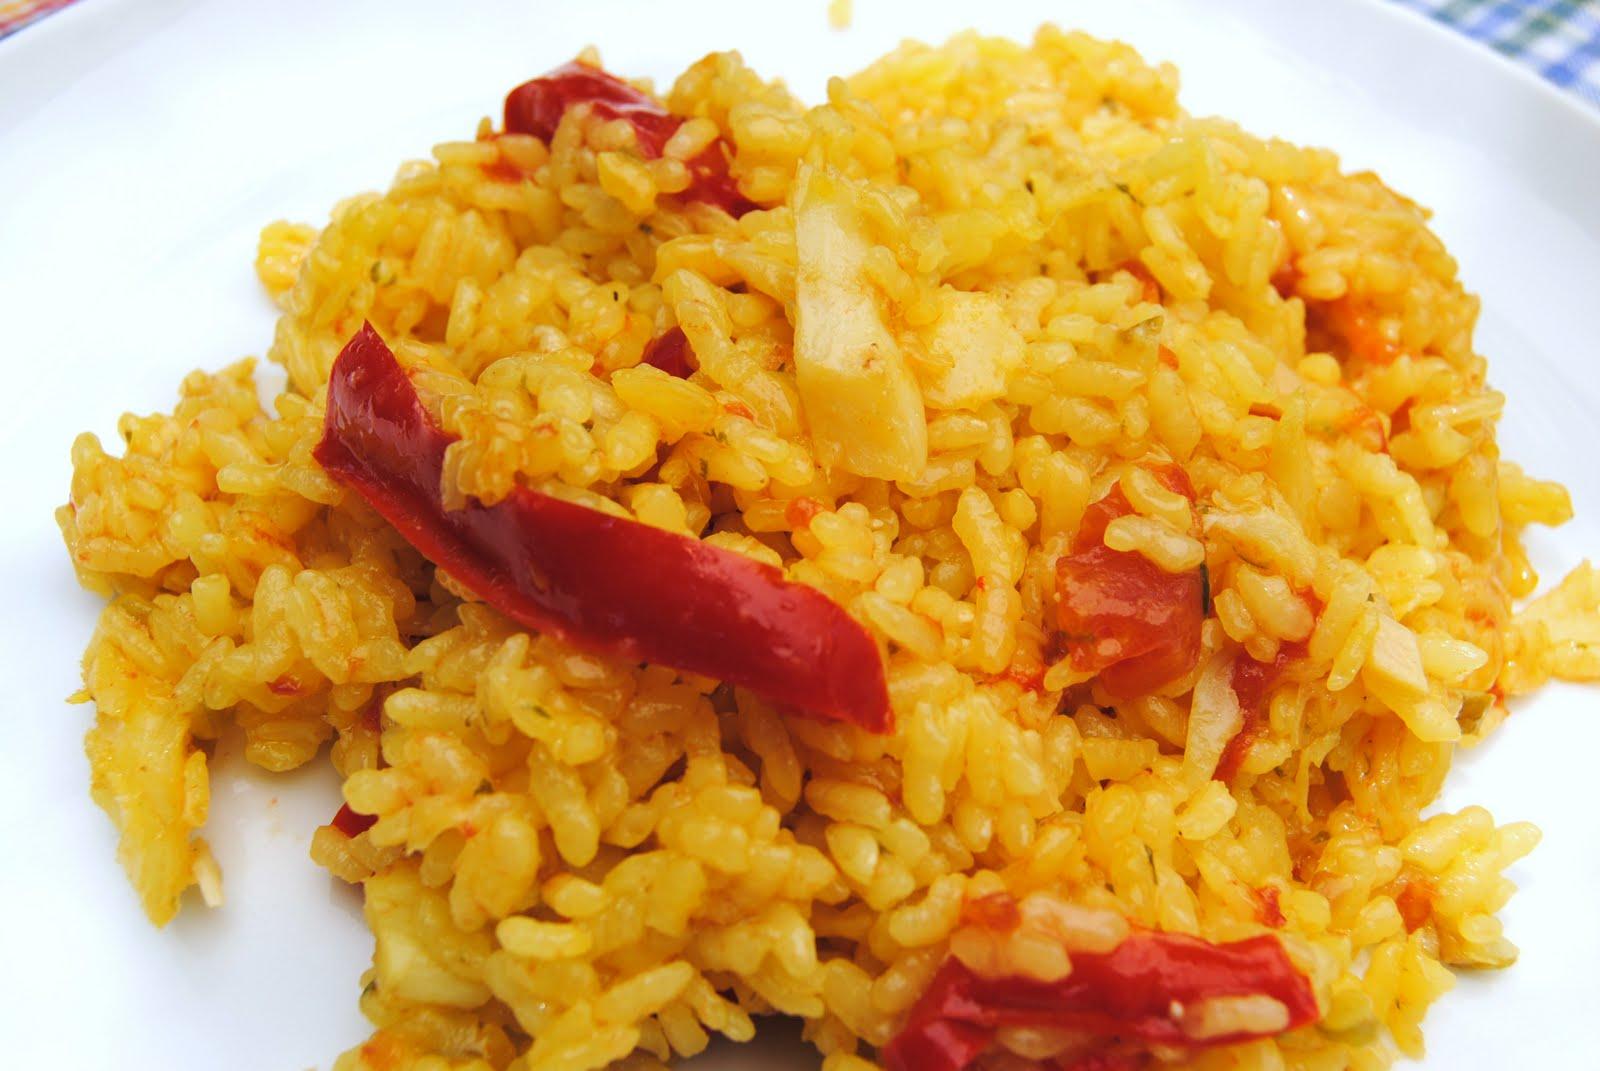 Del mercado al plato arroz con bacalao - Arroz con bacalao desmigado ...